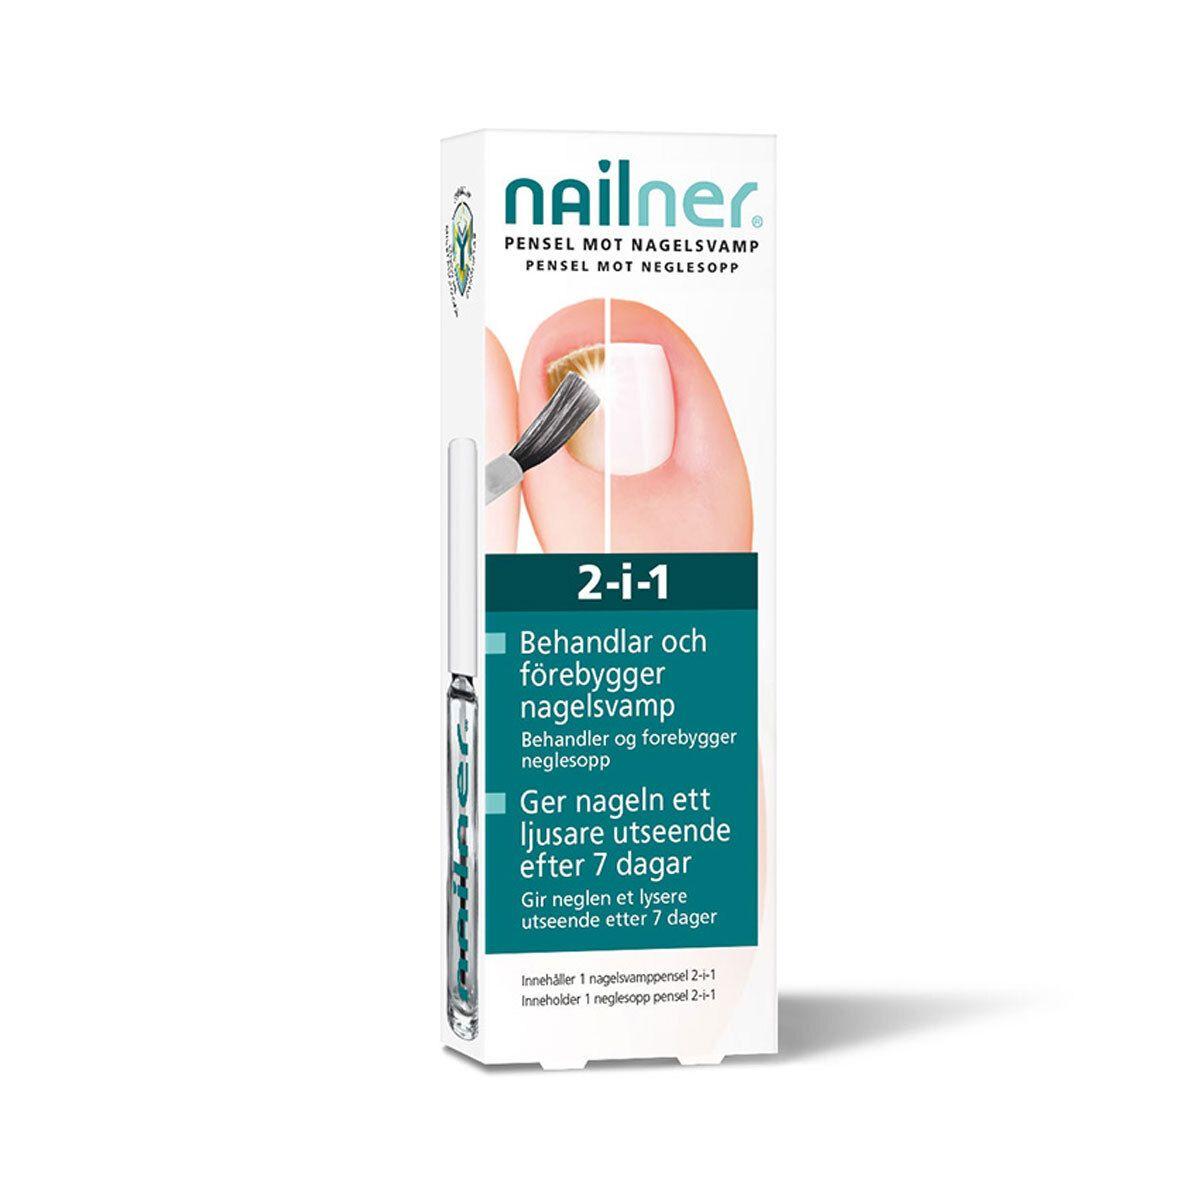 läkemedel mot nagelsvamp